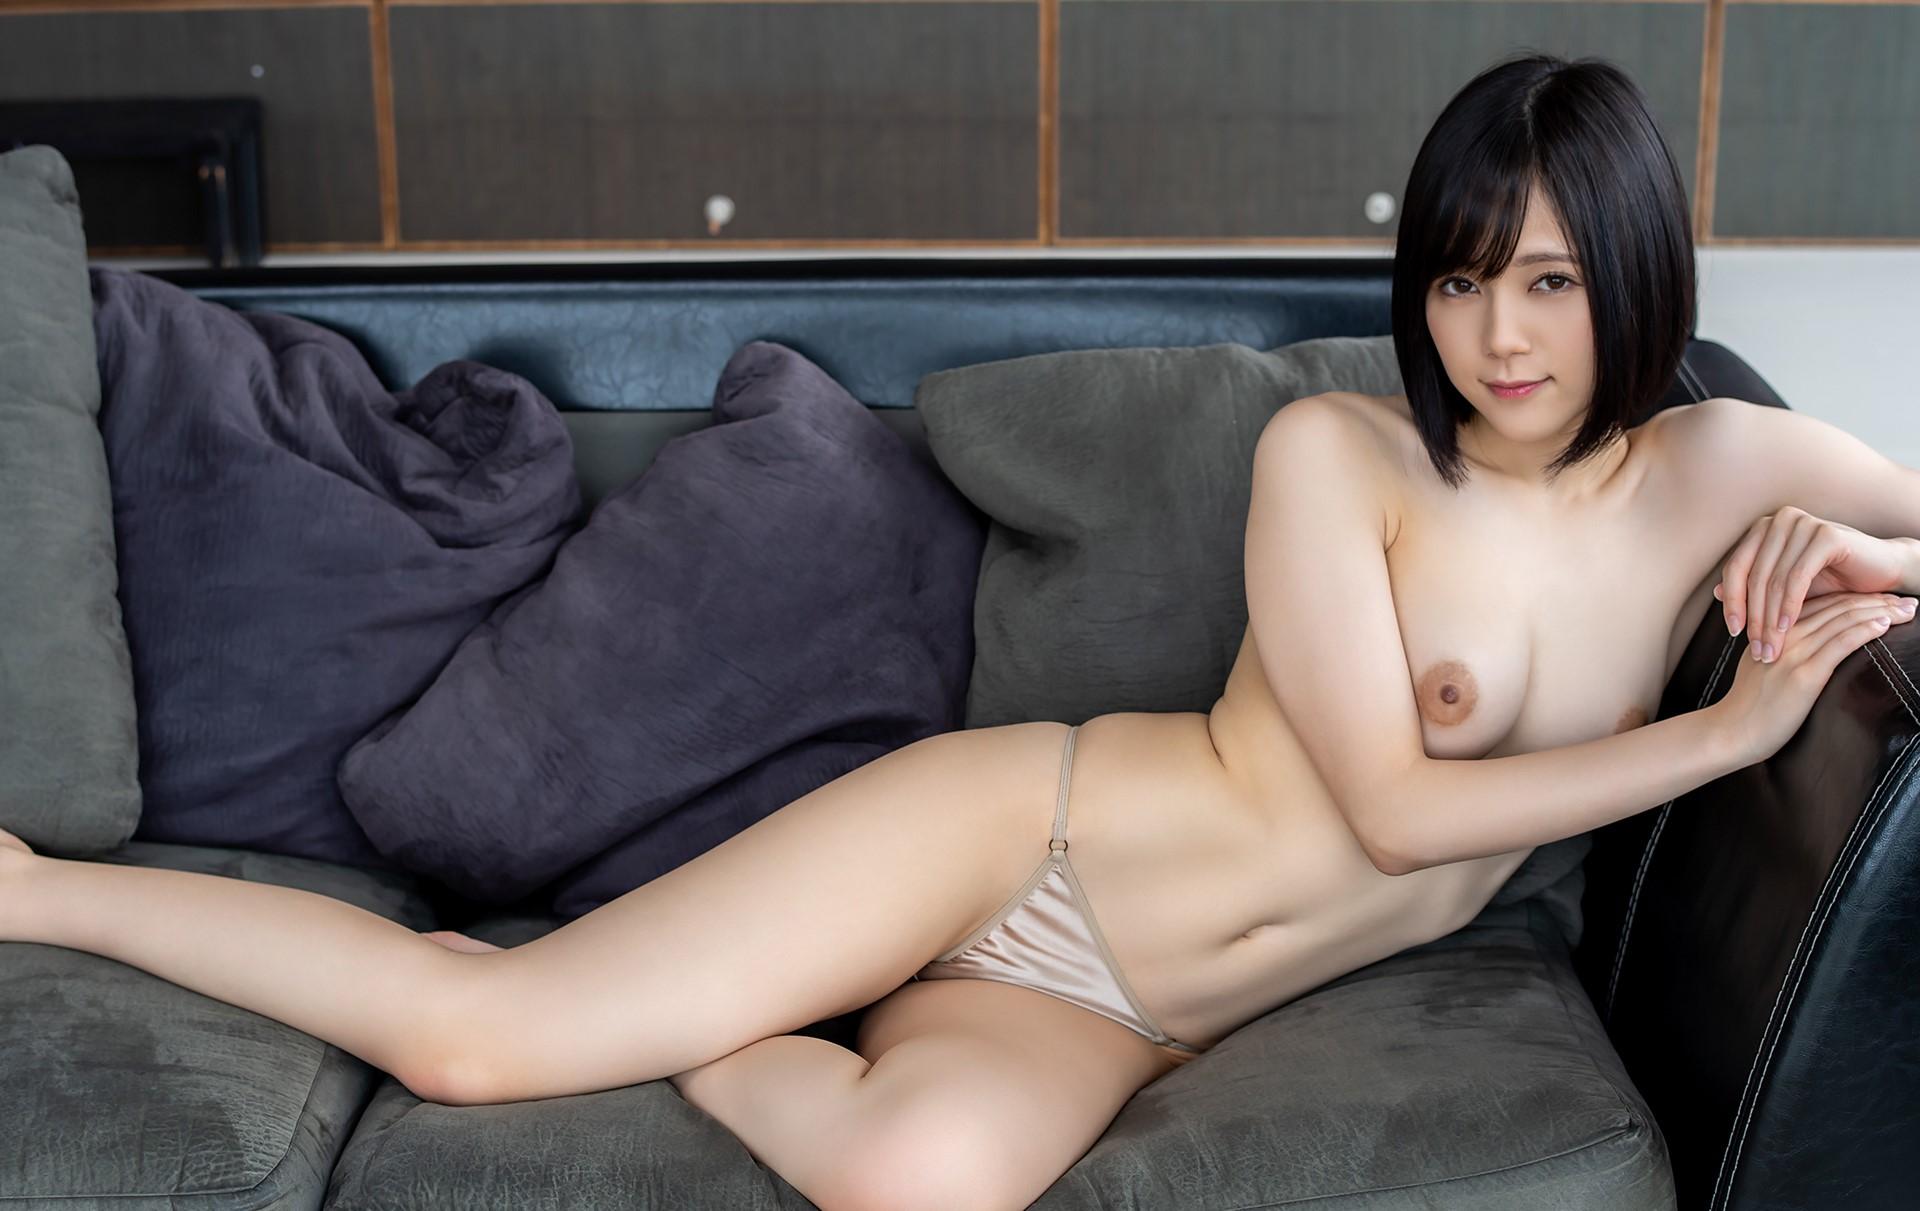 三次元 3次元 エロ画像AV女優 涼森れむ ヌード べっぴん娘通信 075